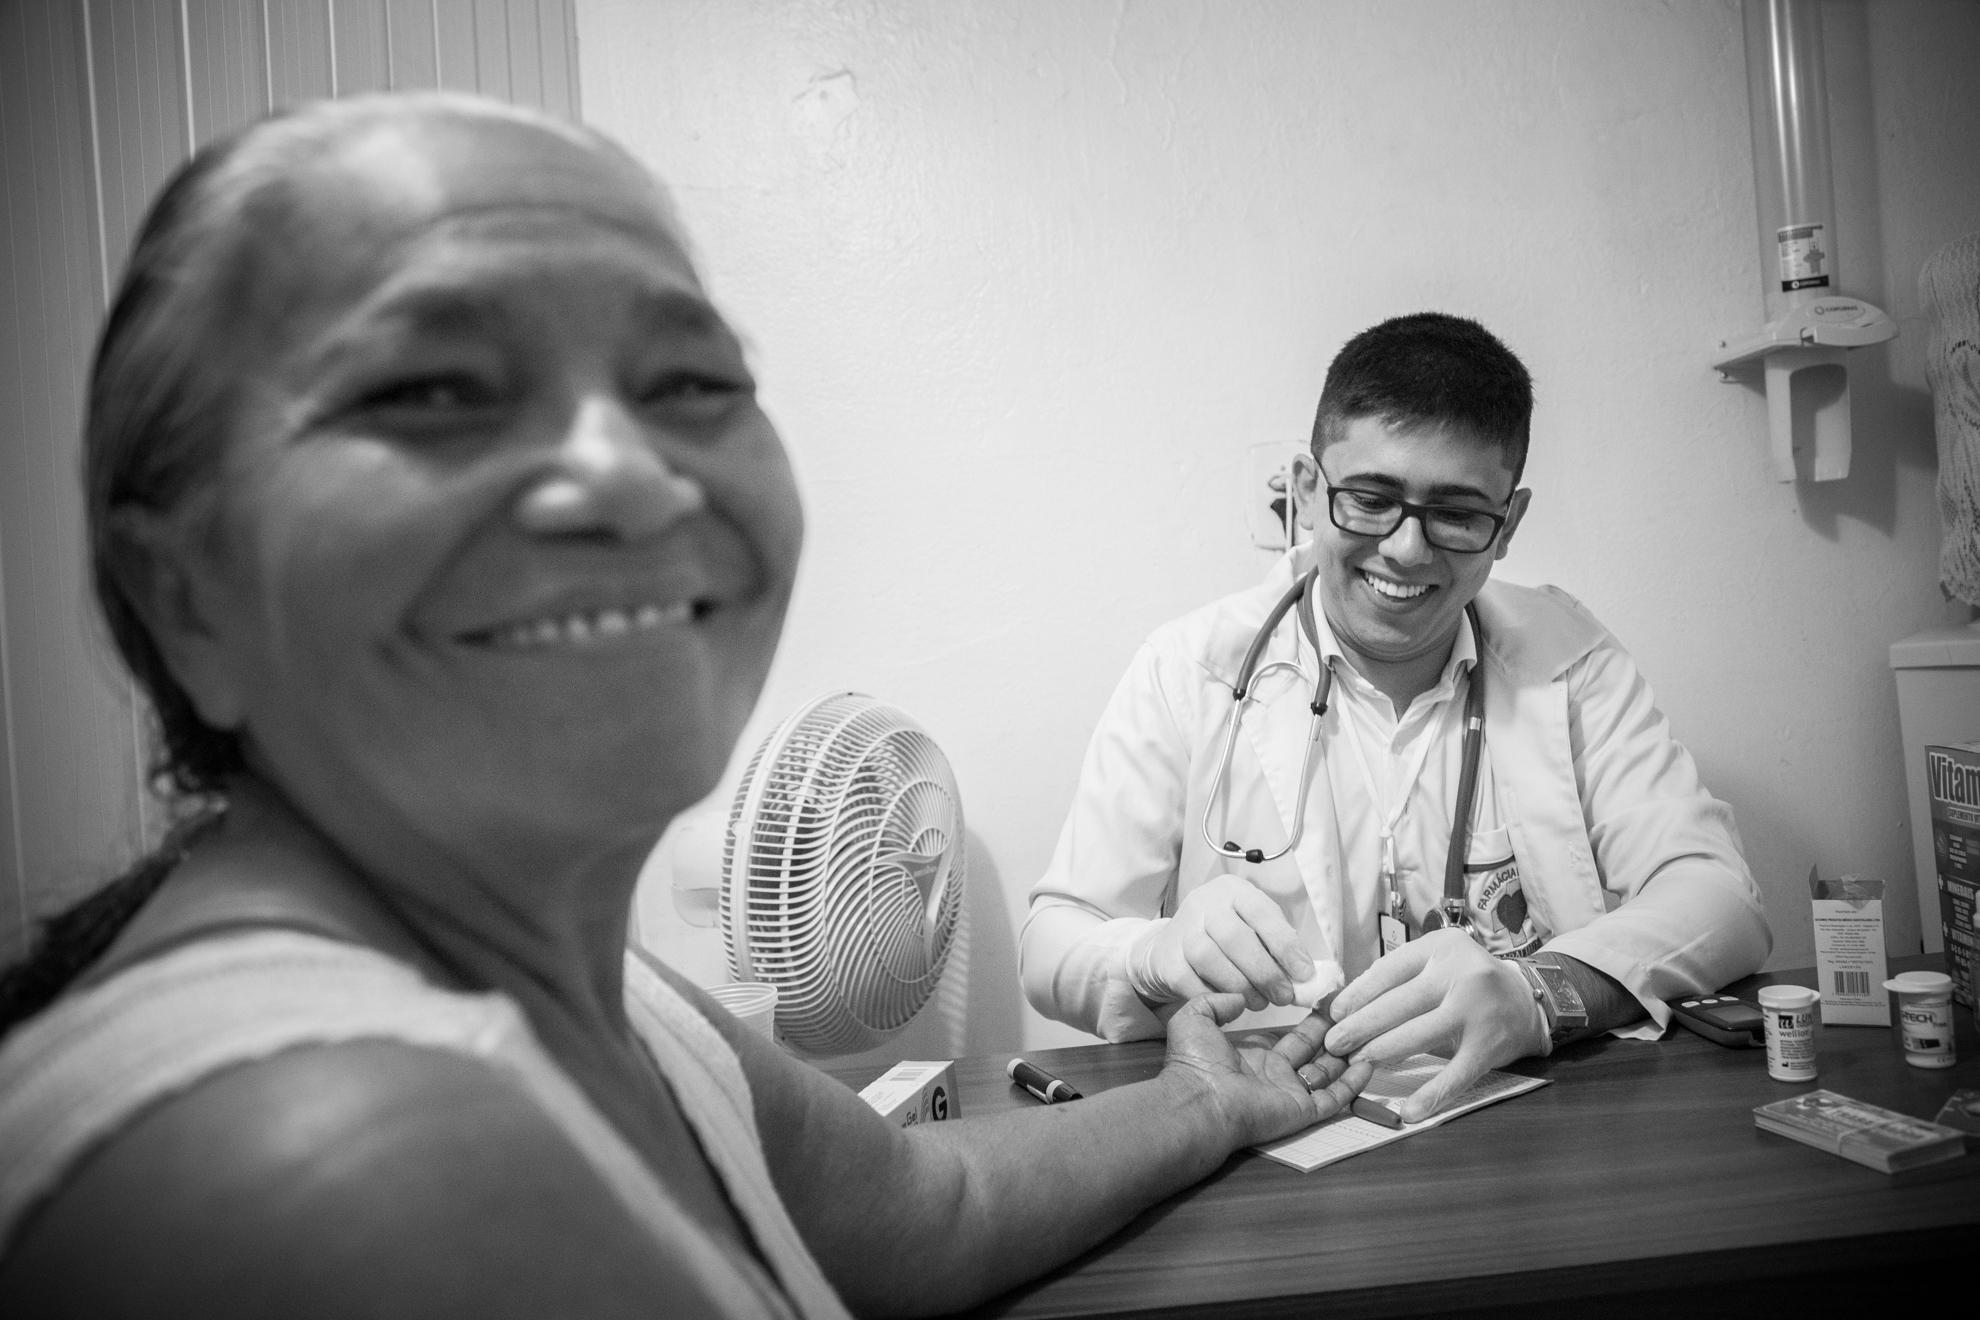 Documentário traz luz à importância dos farmacêuticos no acesso à saúde no Brasil